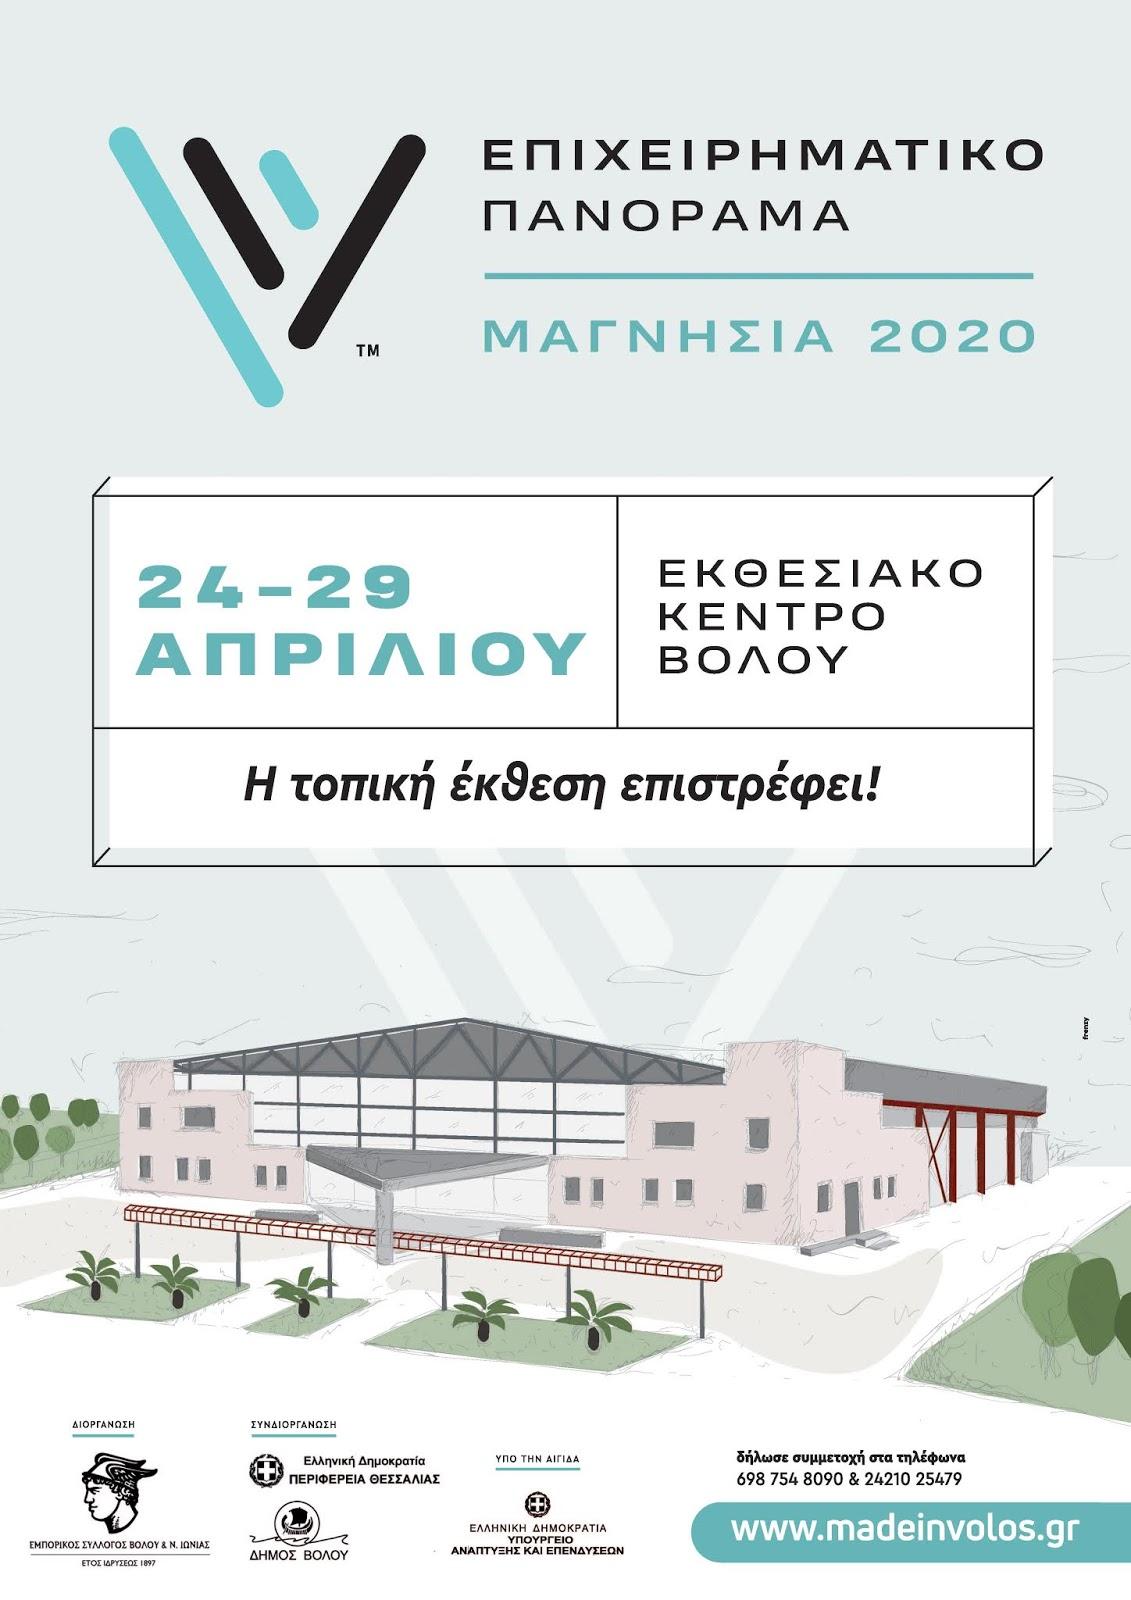 Επιχειρηματικό Πανόραμα - Μαγνησία 2020